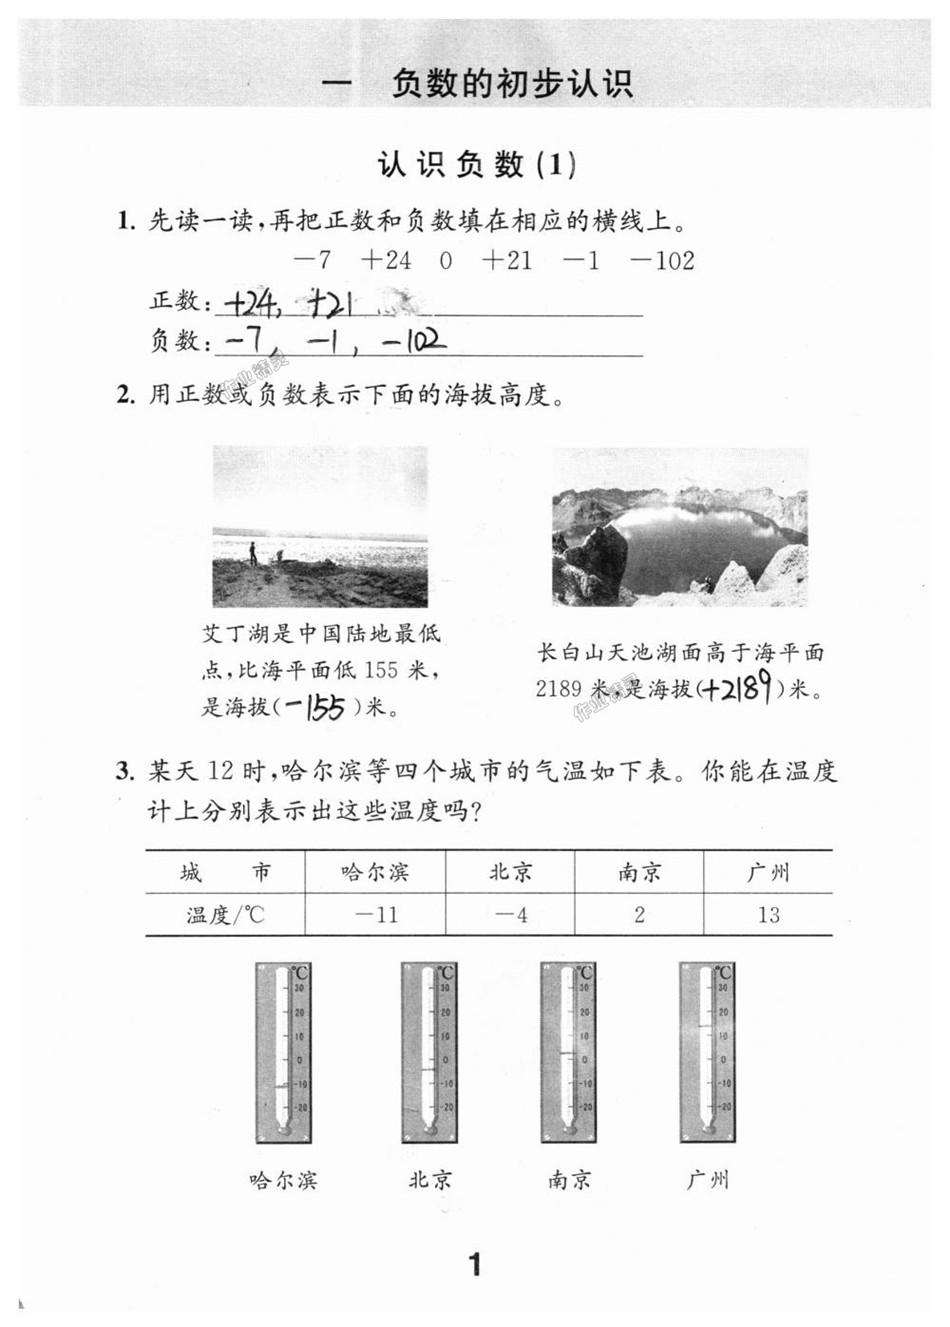 苏教版五年级上册数学补充习题答案